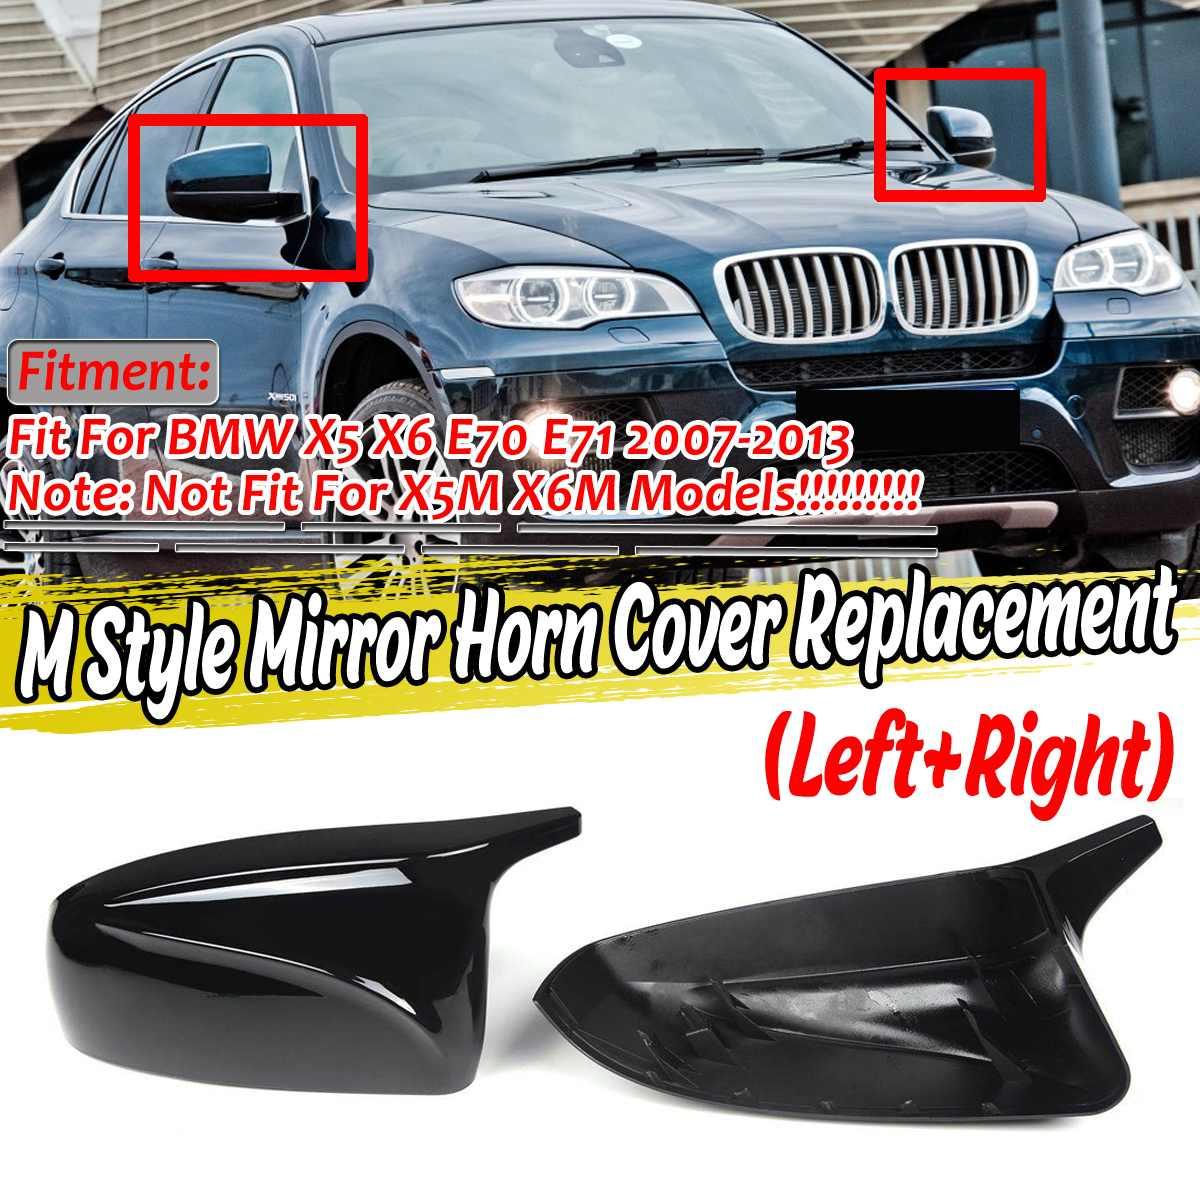 ¡Nuevo! 2 uds X5 cubierta de espejo retrovisor para BMW X5 X6 E70 E71 2007-2013